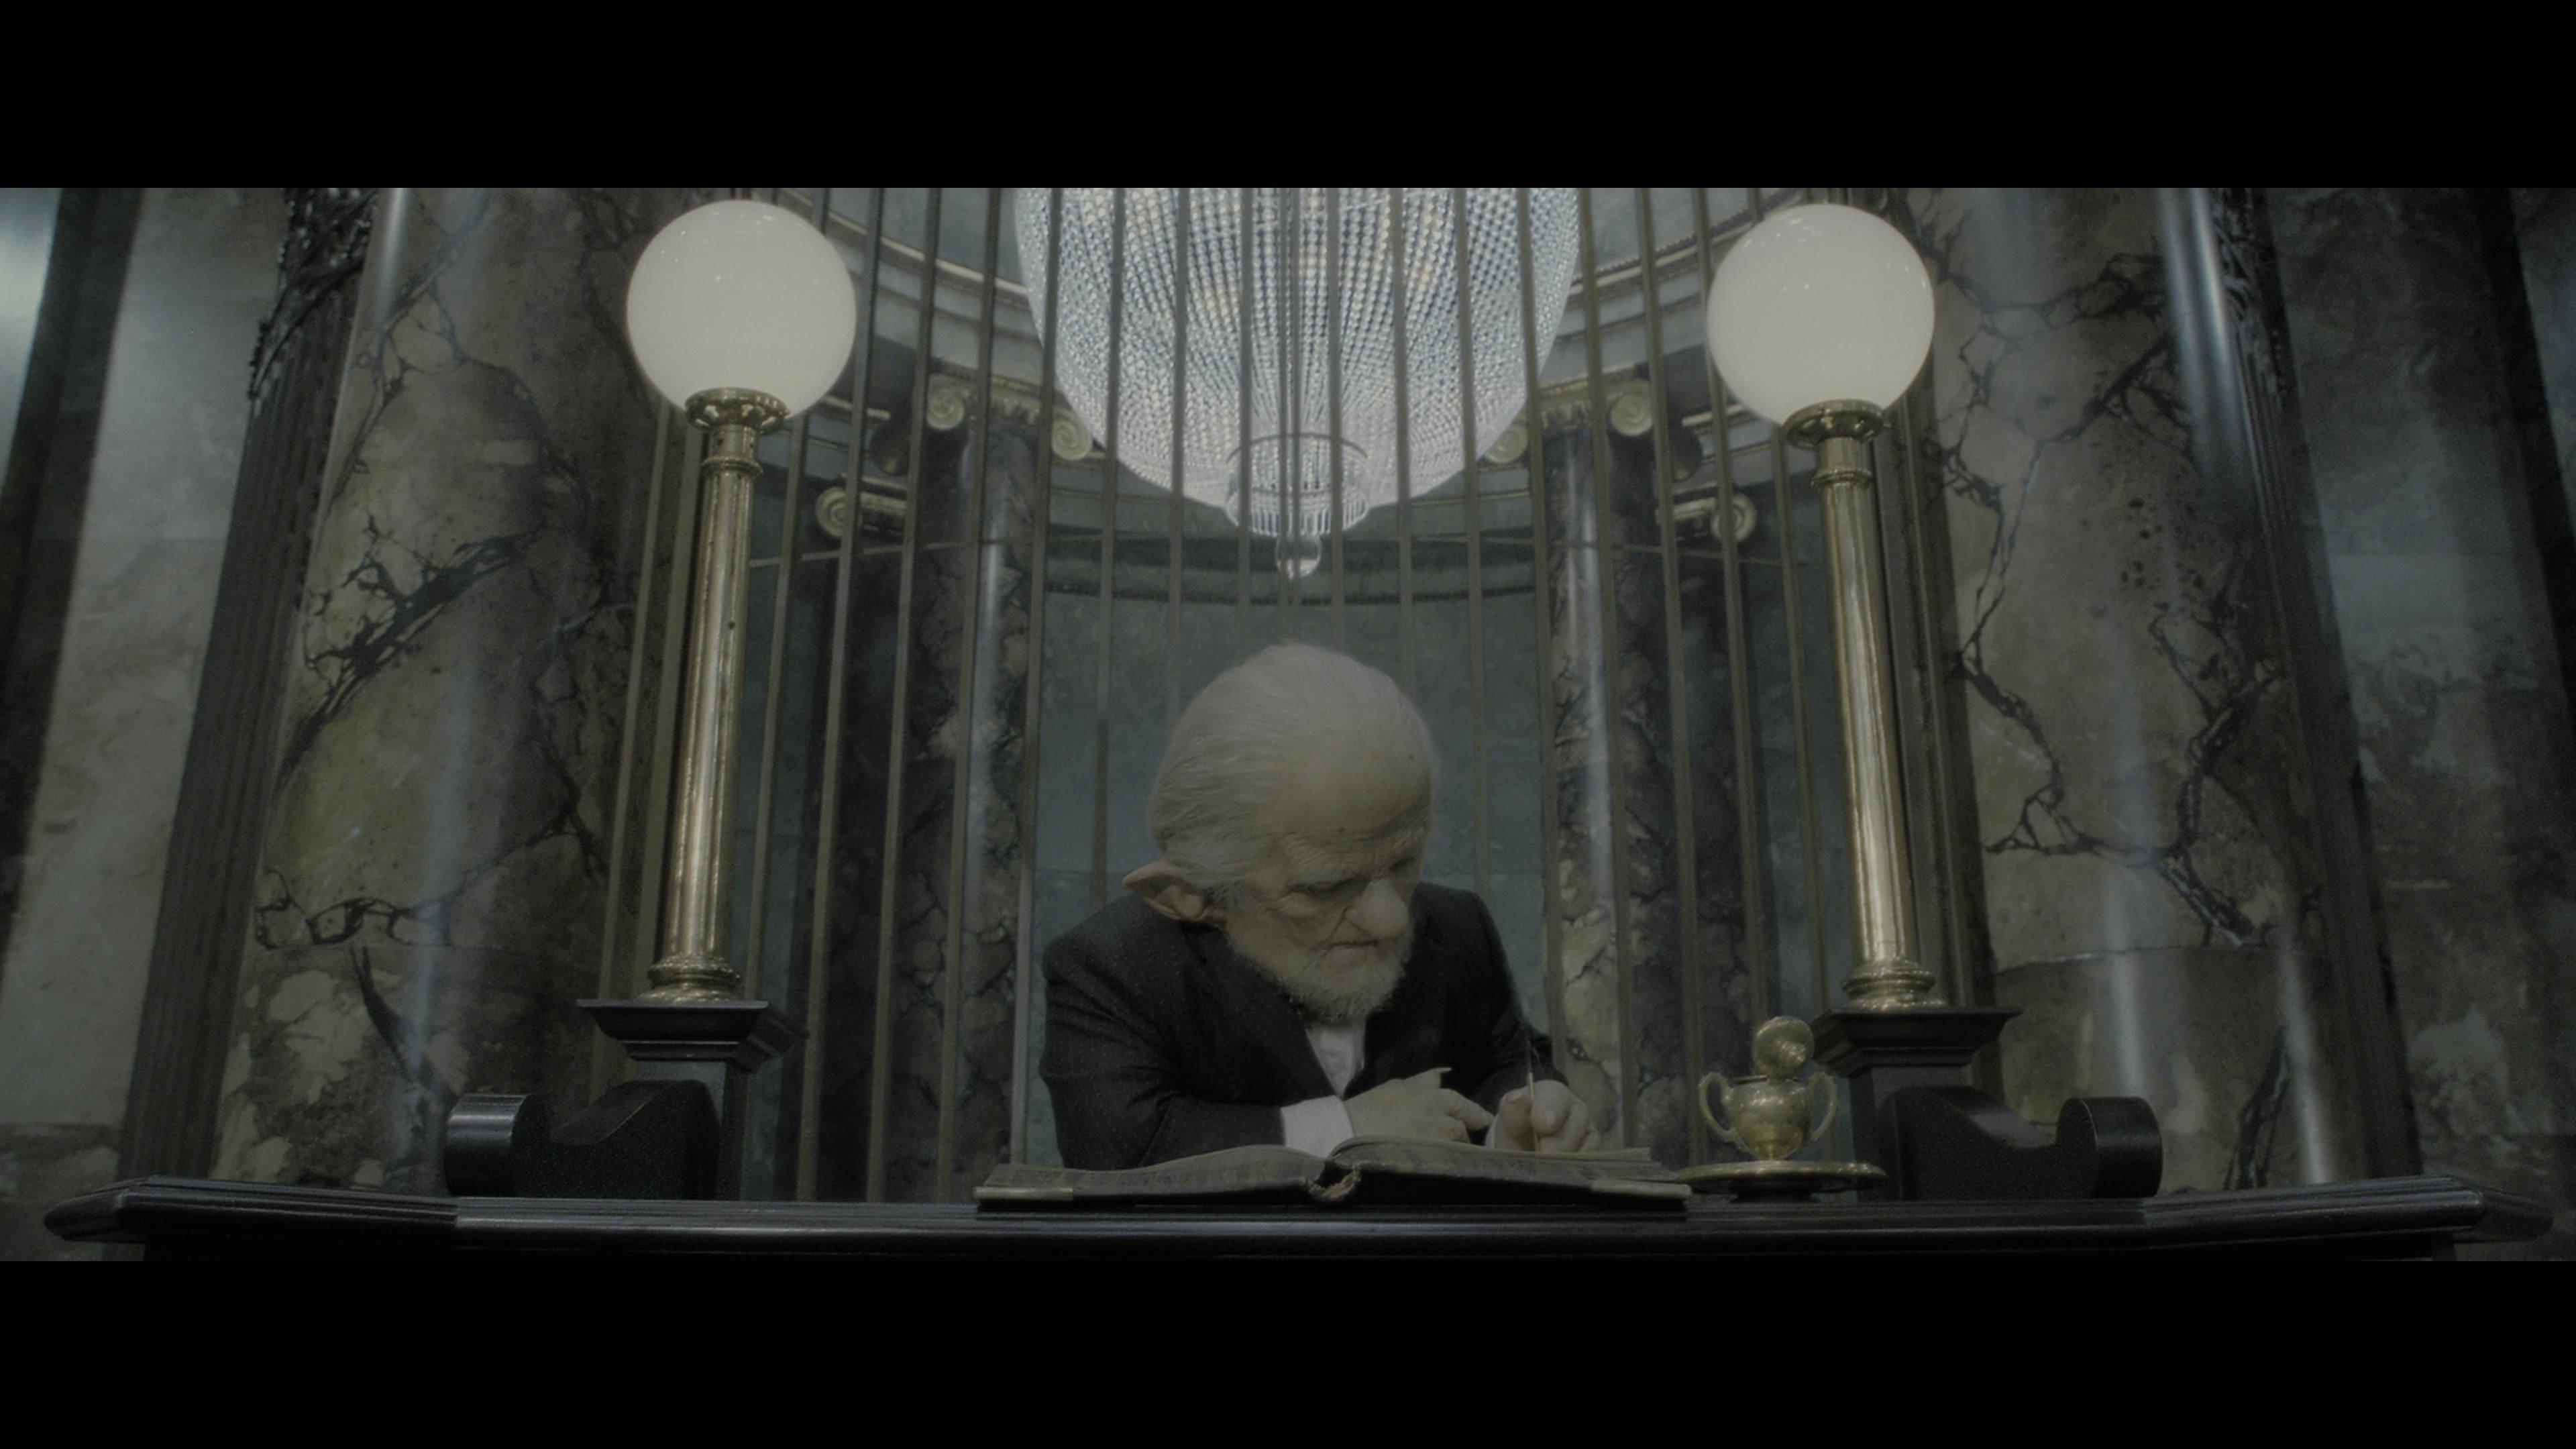 Гарри Поттер и Дары смерти: Часть II / Harry Potter and the Deathly Hallows: Part 2 (2011/BDRemux) 2160p, 4K, HDR, D, A